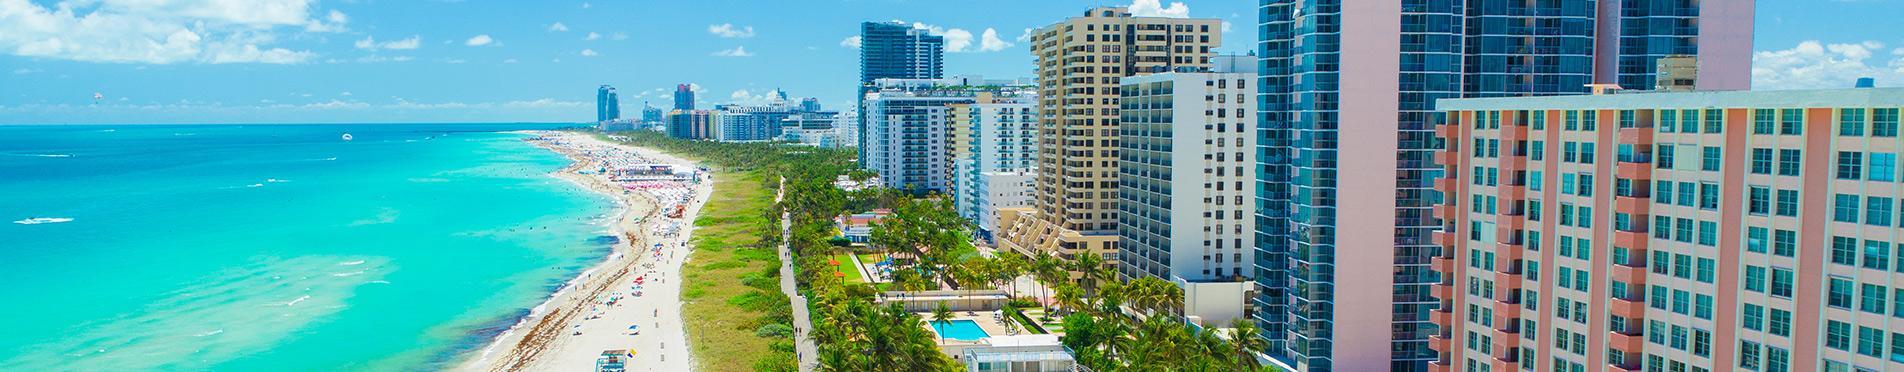 Miami Beach Coastline